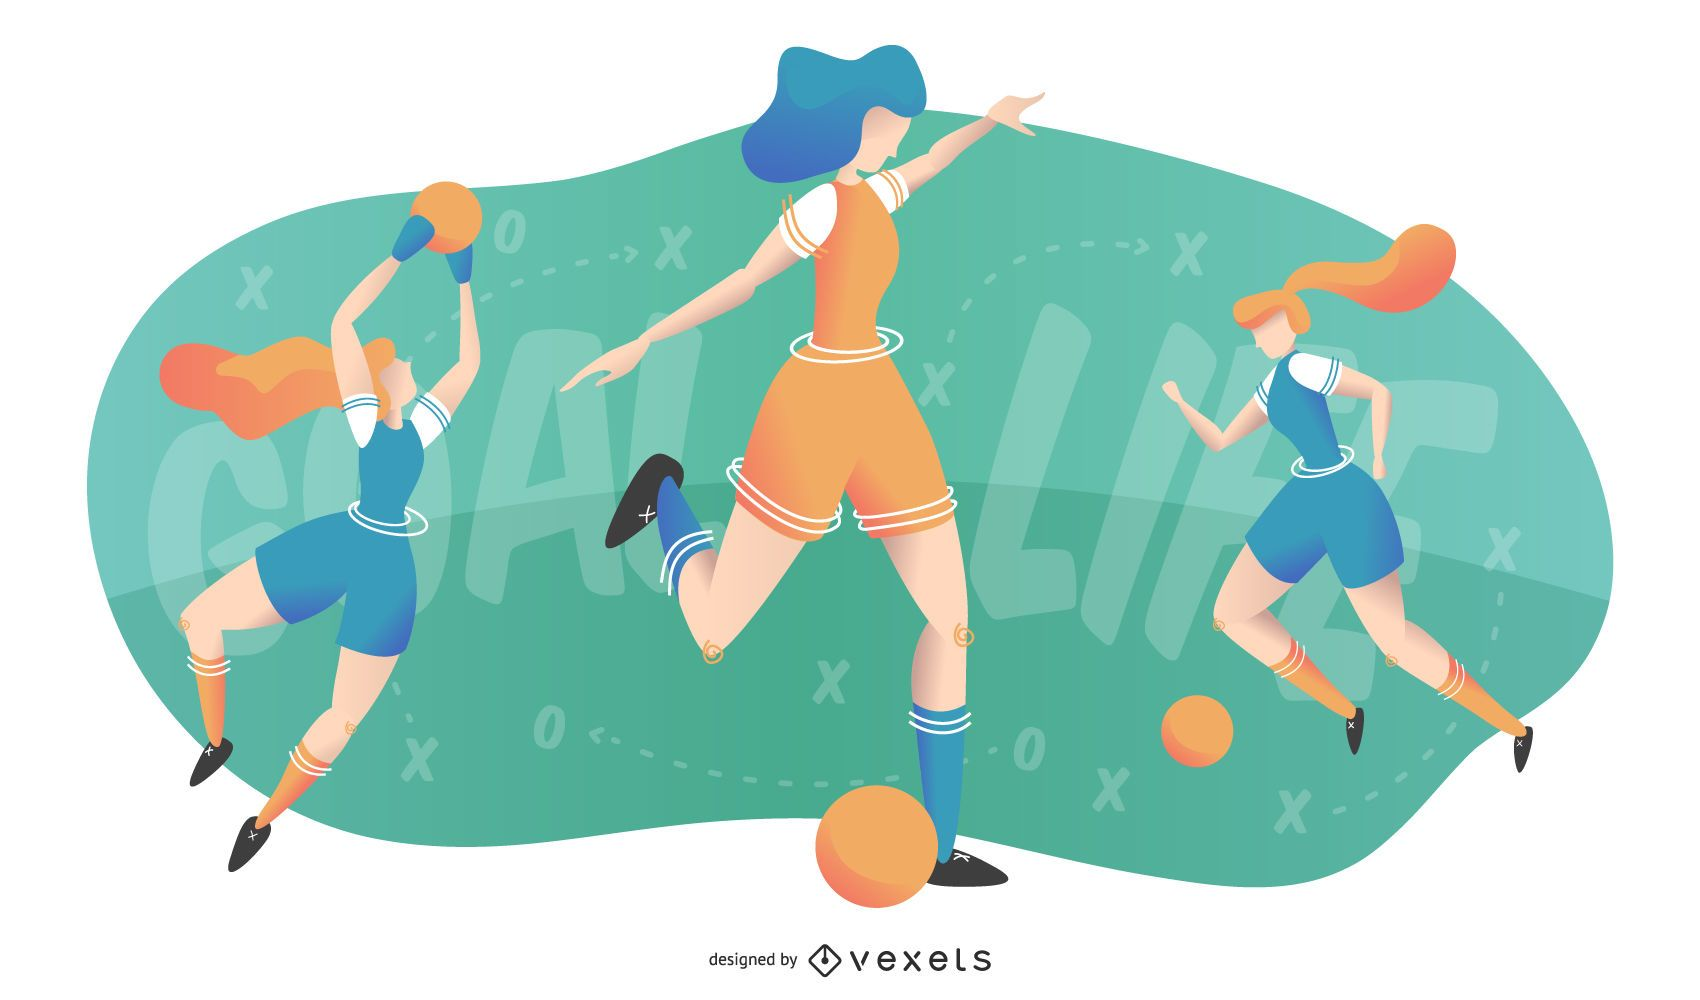 Mujeres jugando fútbol ilustración